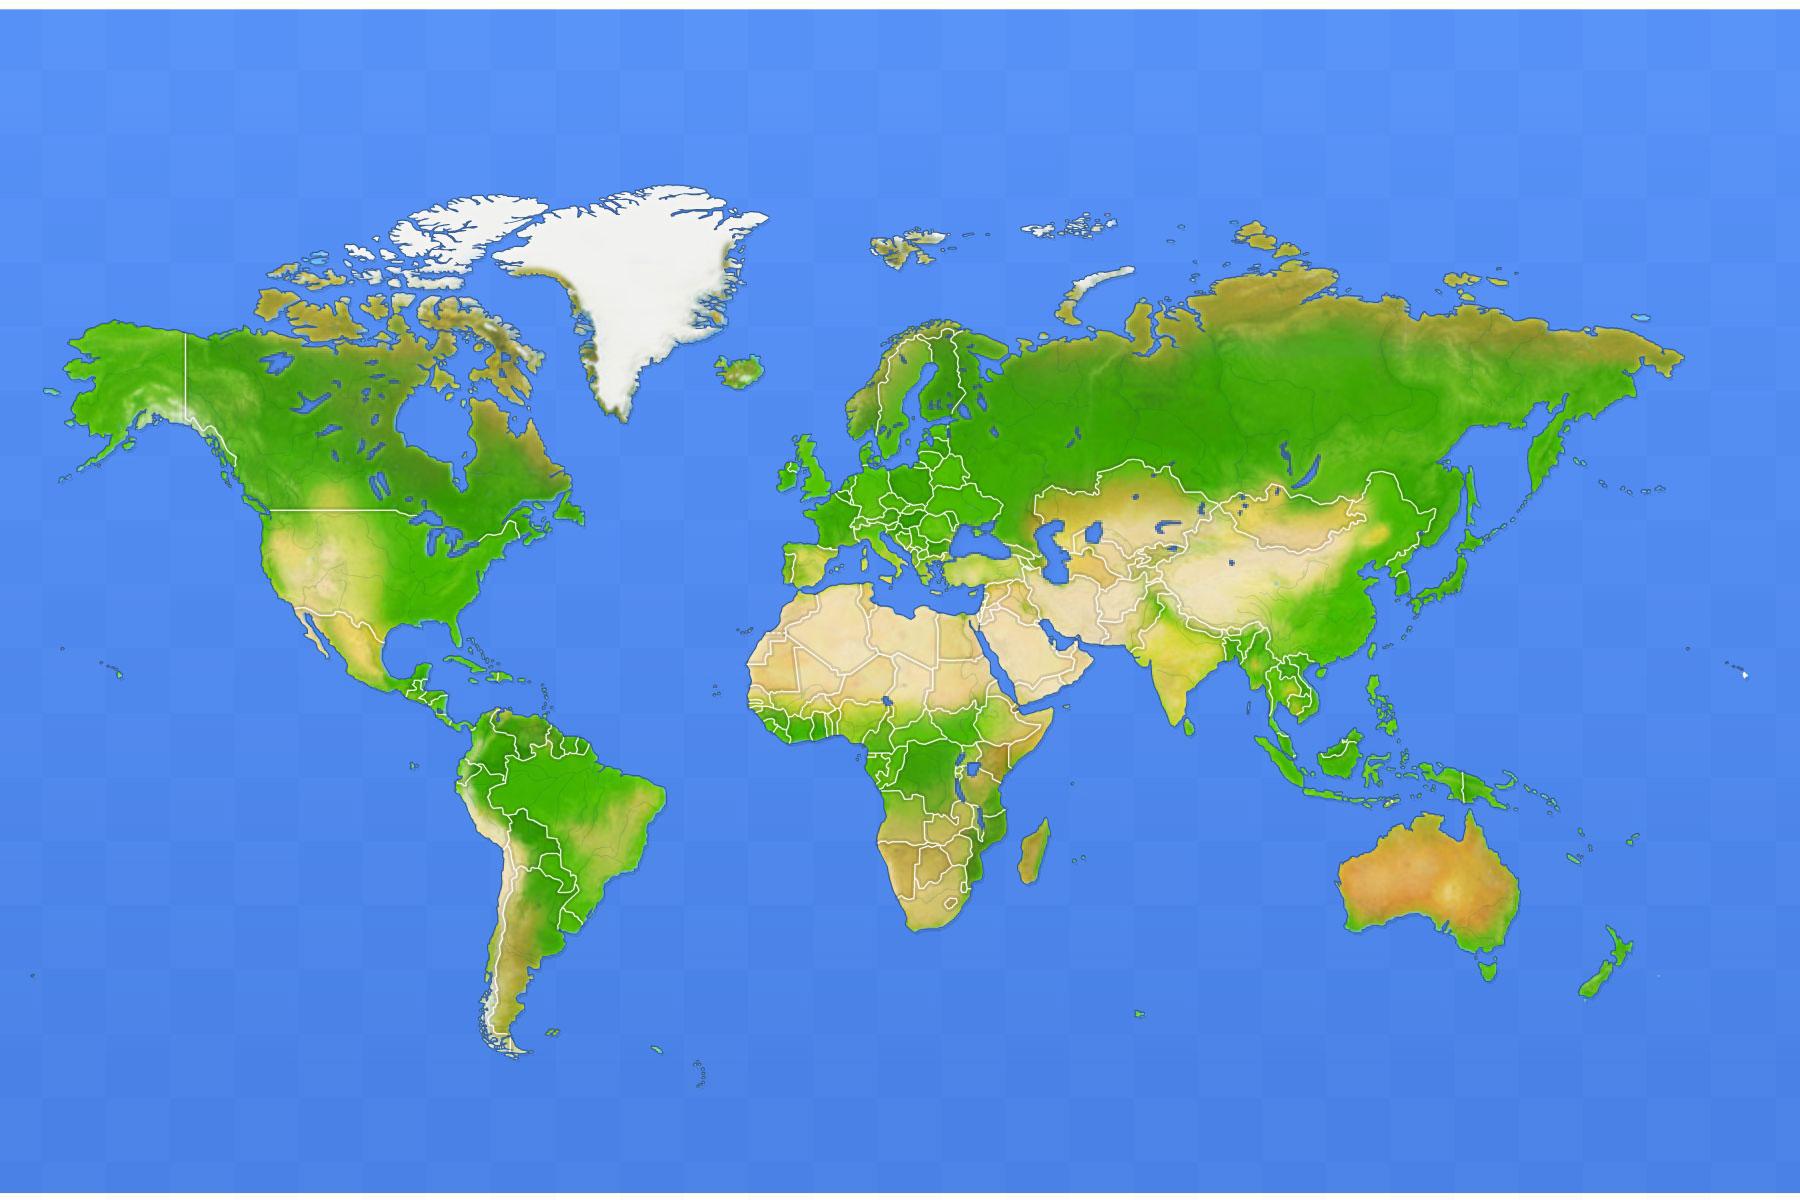 Jeux-Geographiques Jeux Gratuits Jeu Villes Du Monde Junior dedans Jeux Géographique